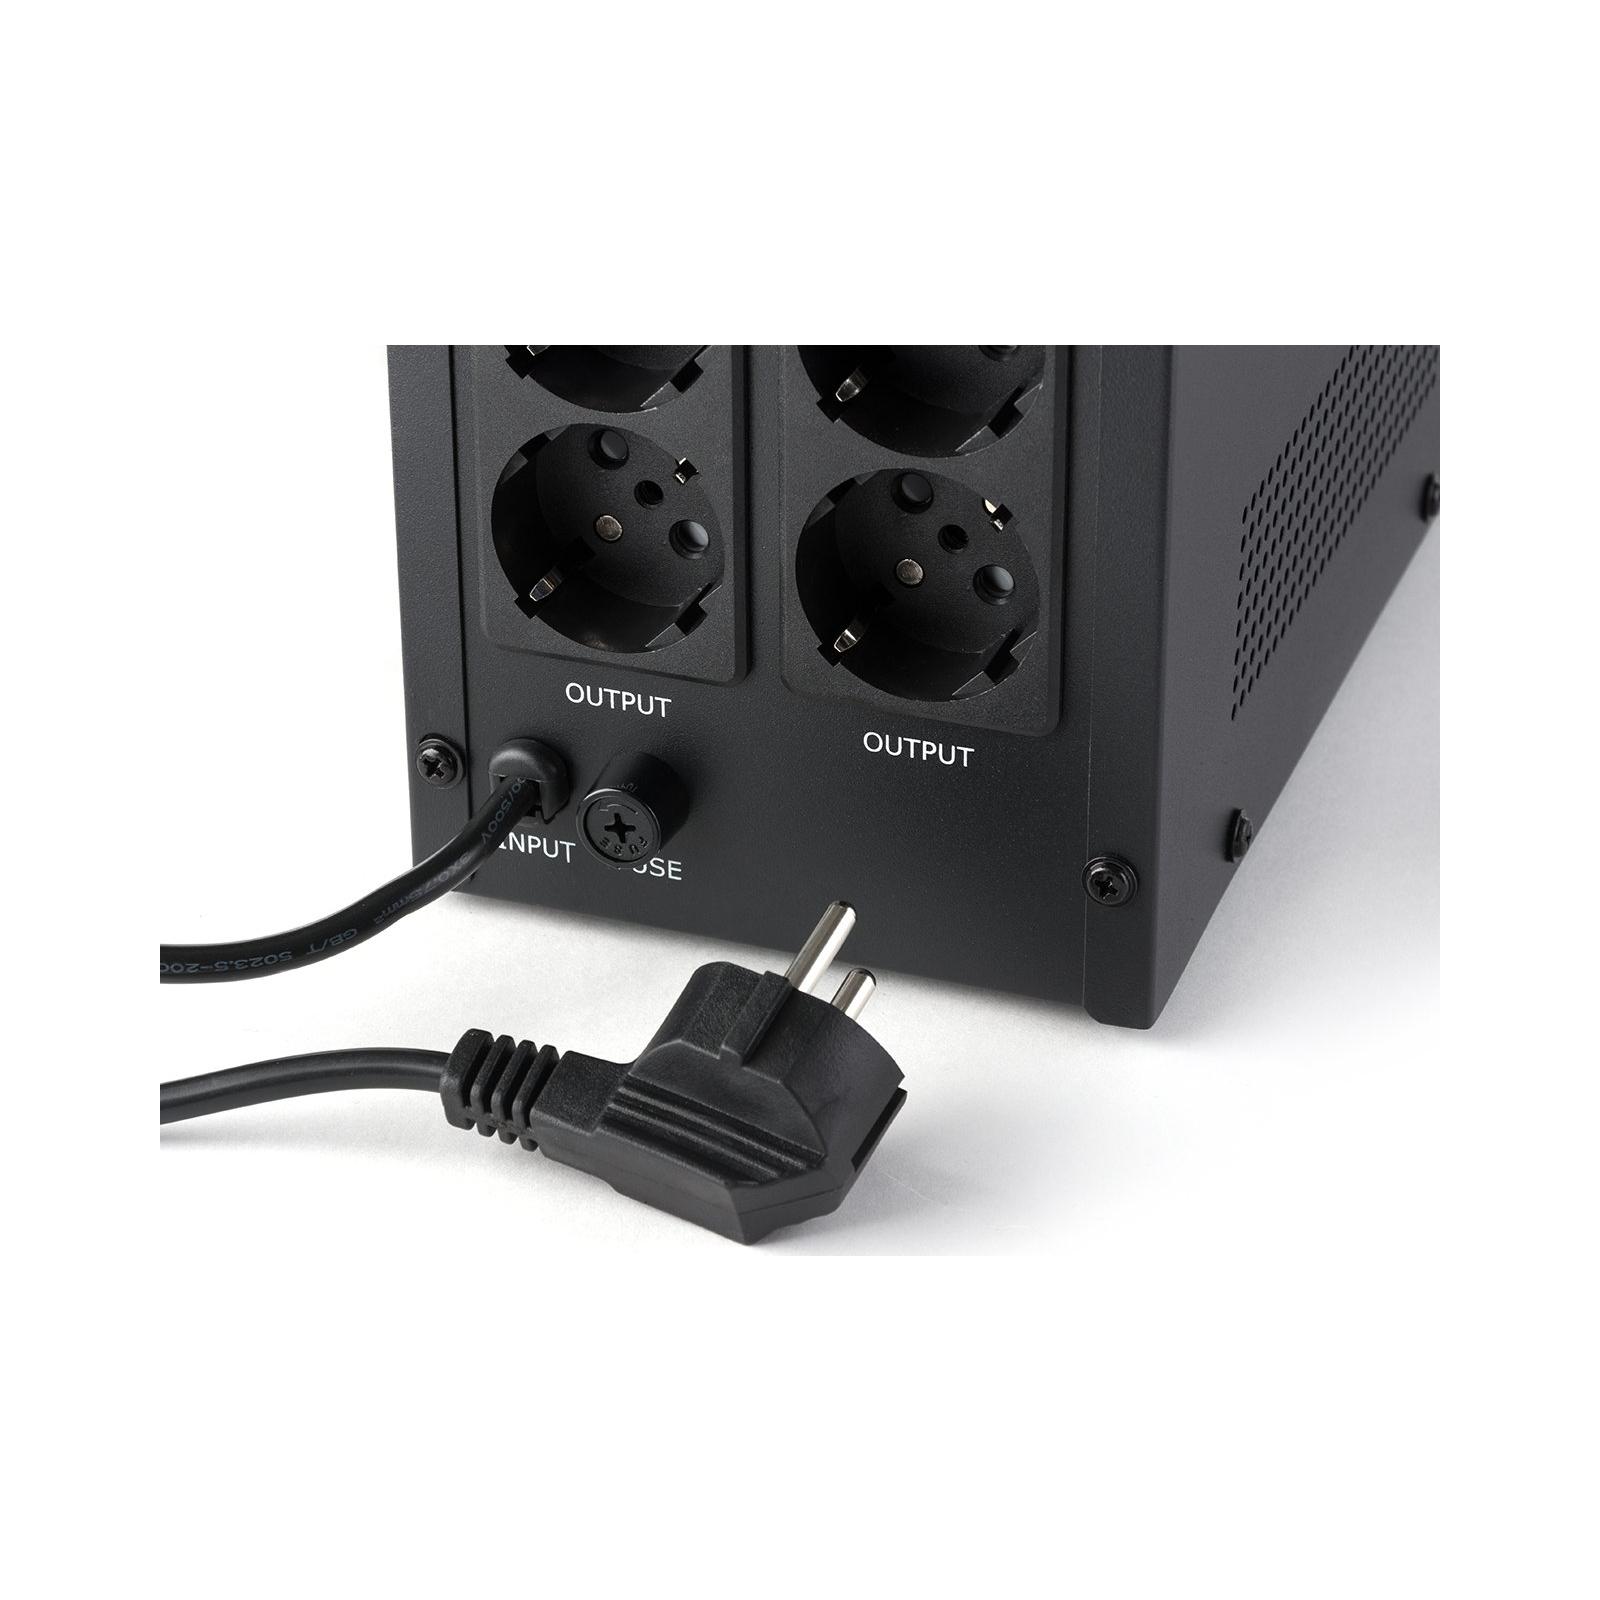 Источник бесперебойного питания Vinga LCD 2000VA metall case (VPC-2000M) изображение 8